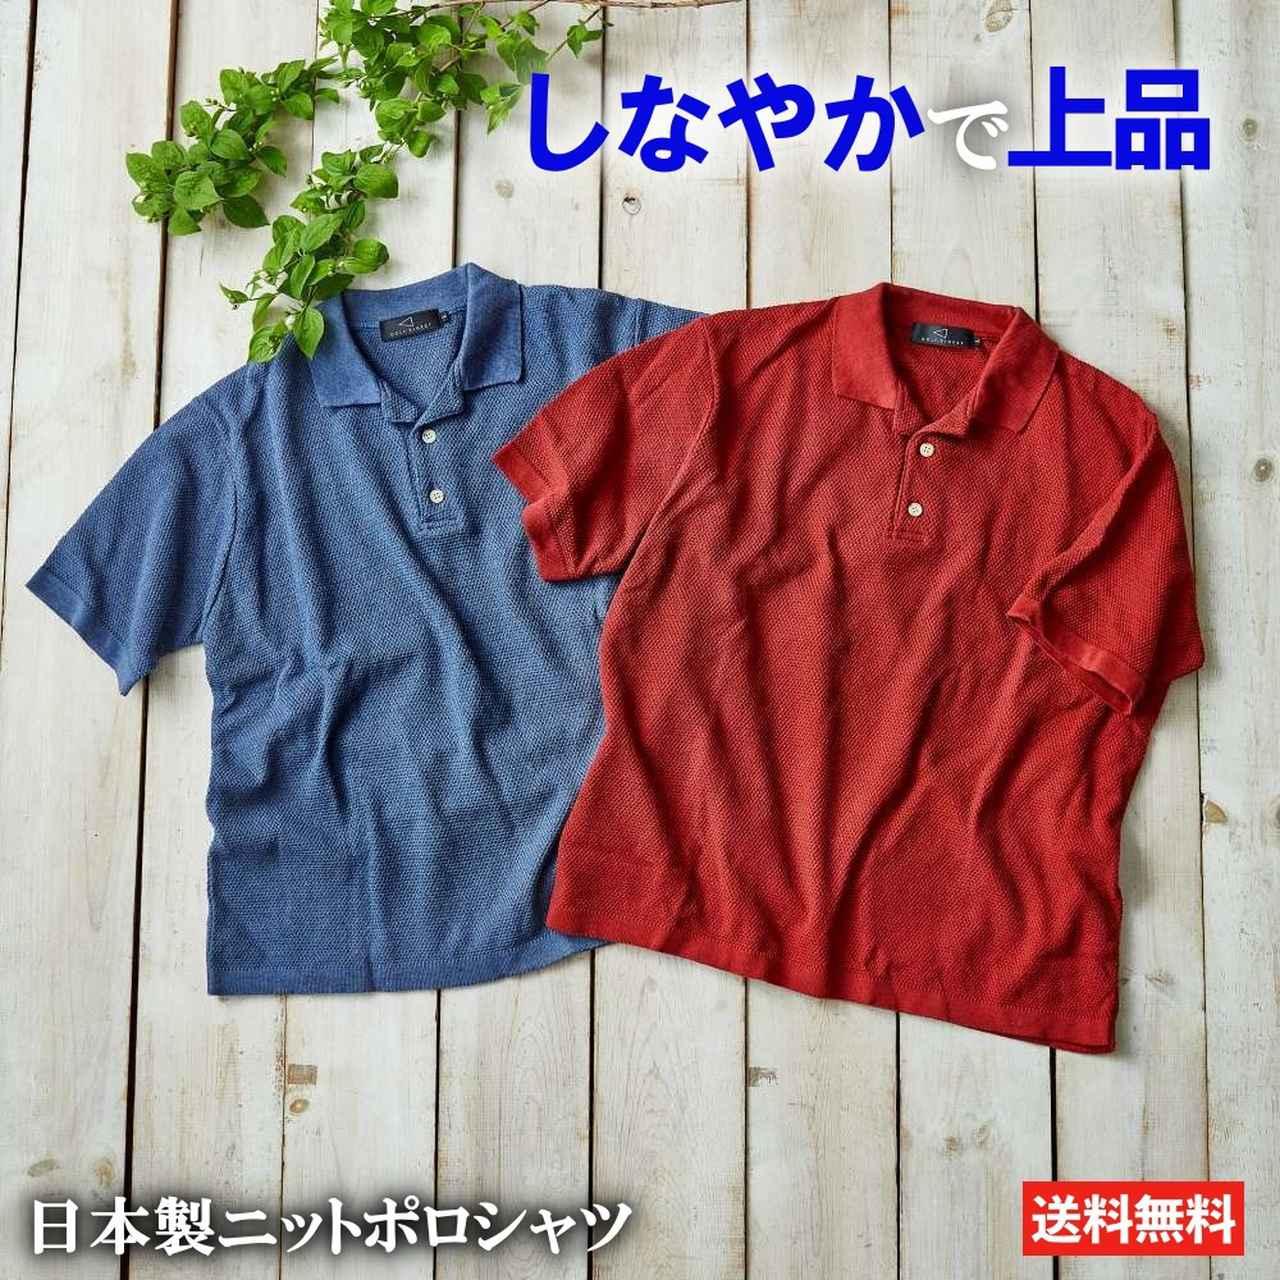 画像: 【楽天市場】【軽やかさと上品さ】日本製ニットポロシャツ:ゴルフポケット楽天市場店